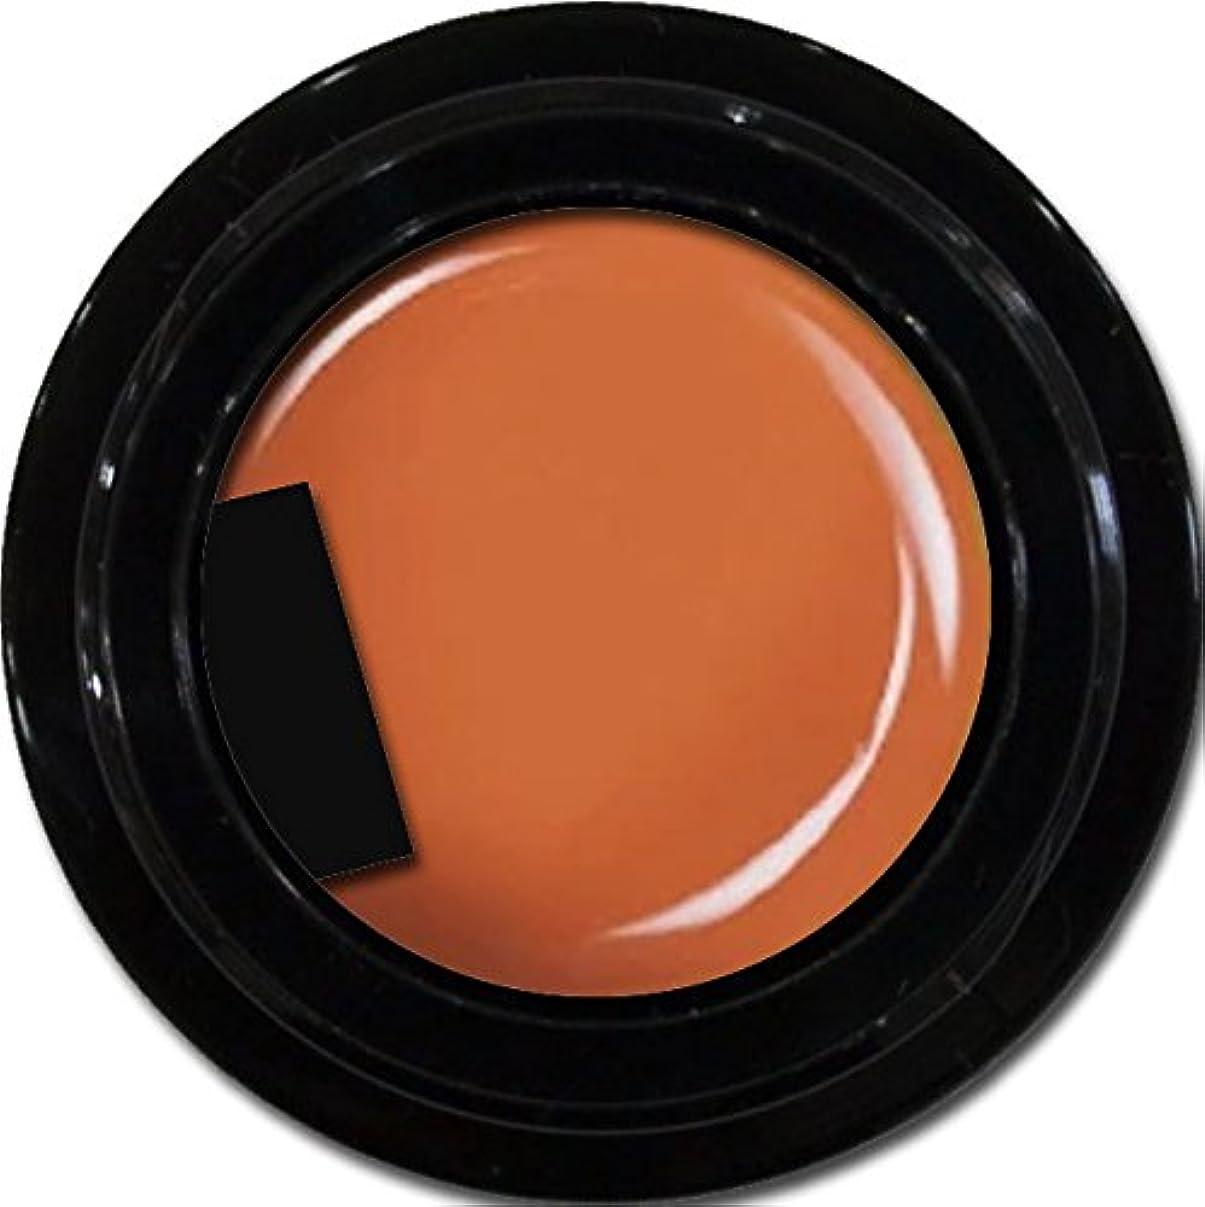 ダーベビルのテス中級カラージェル enchant color gel M303 Halloween 3g/ マットカラージェル M303 ハロウィーン 3グラム